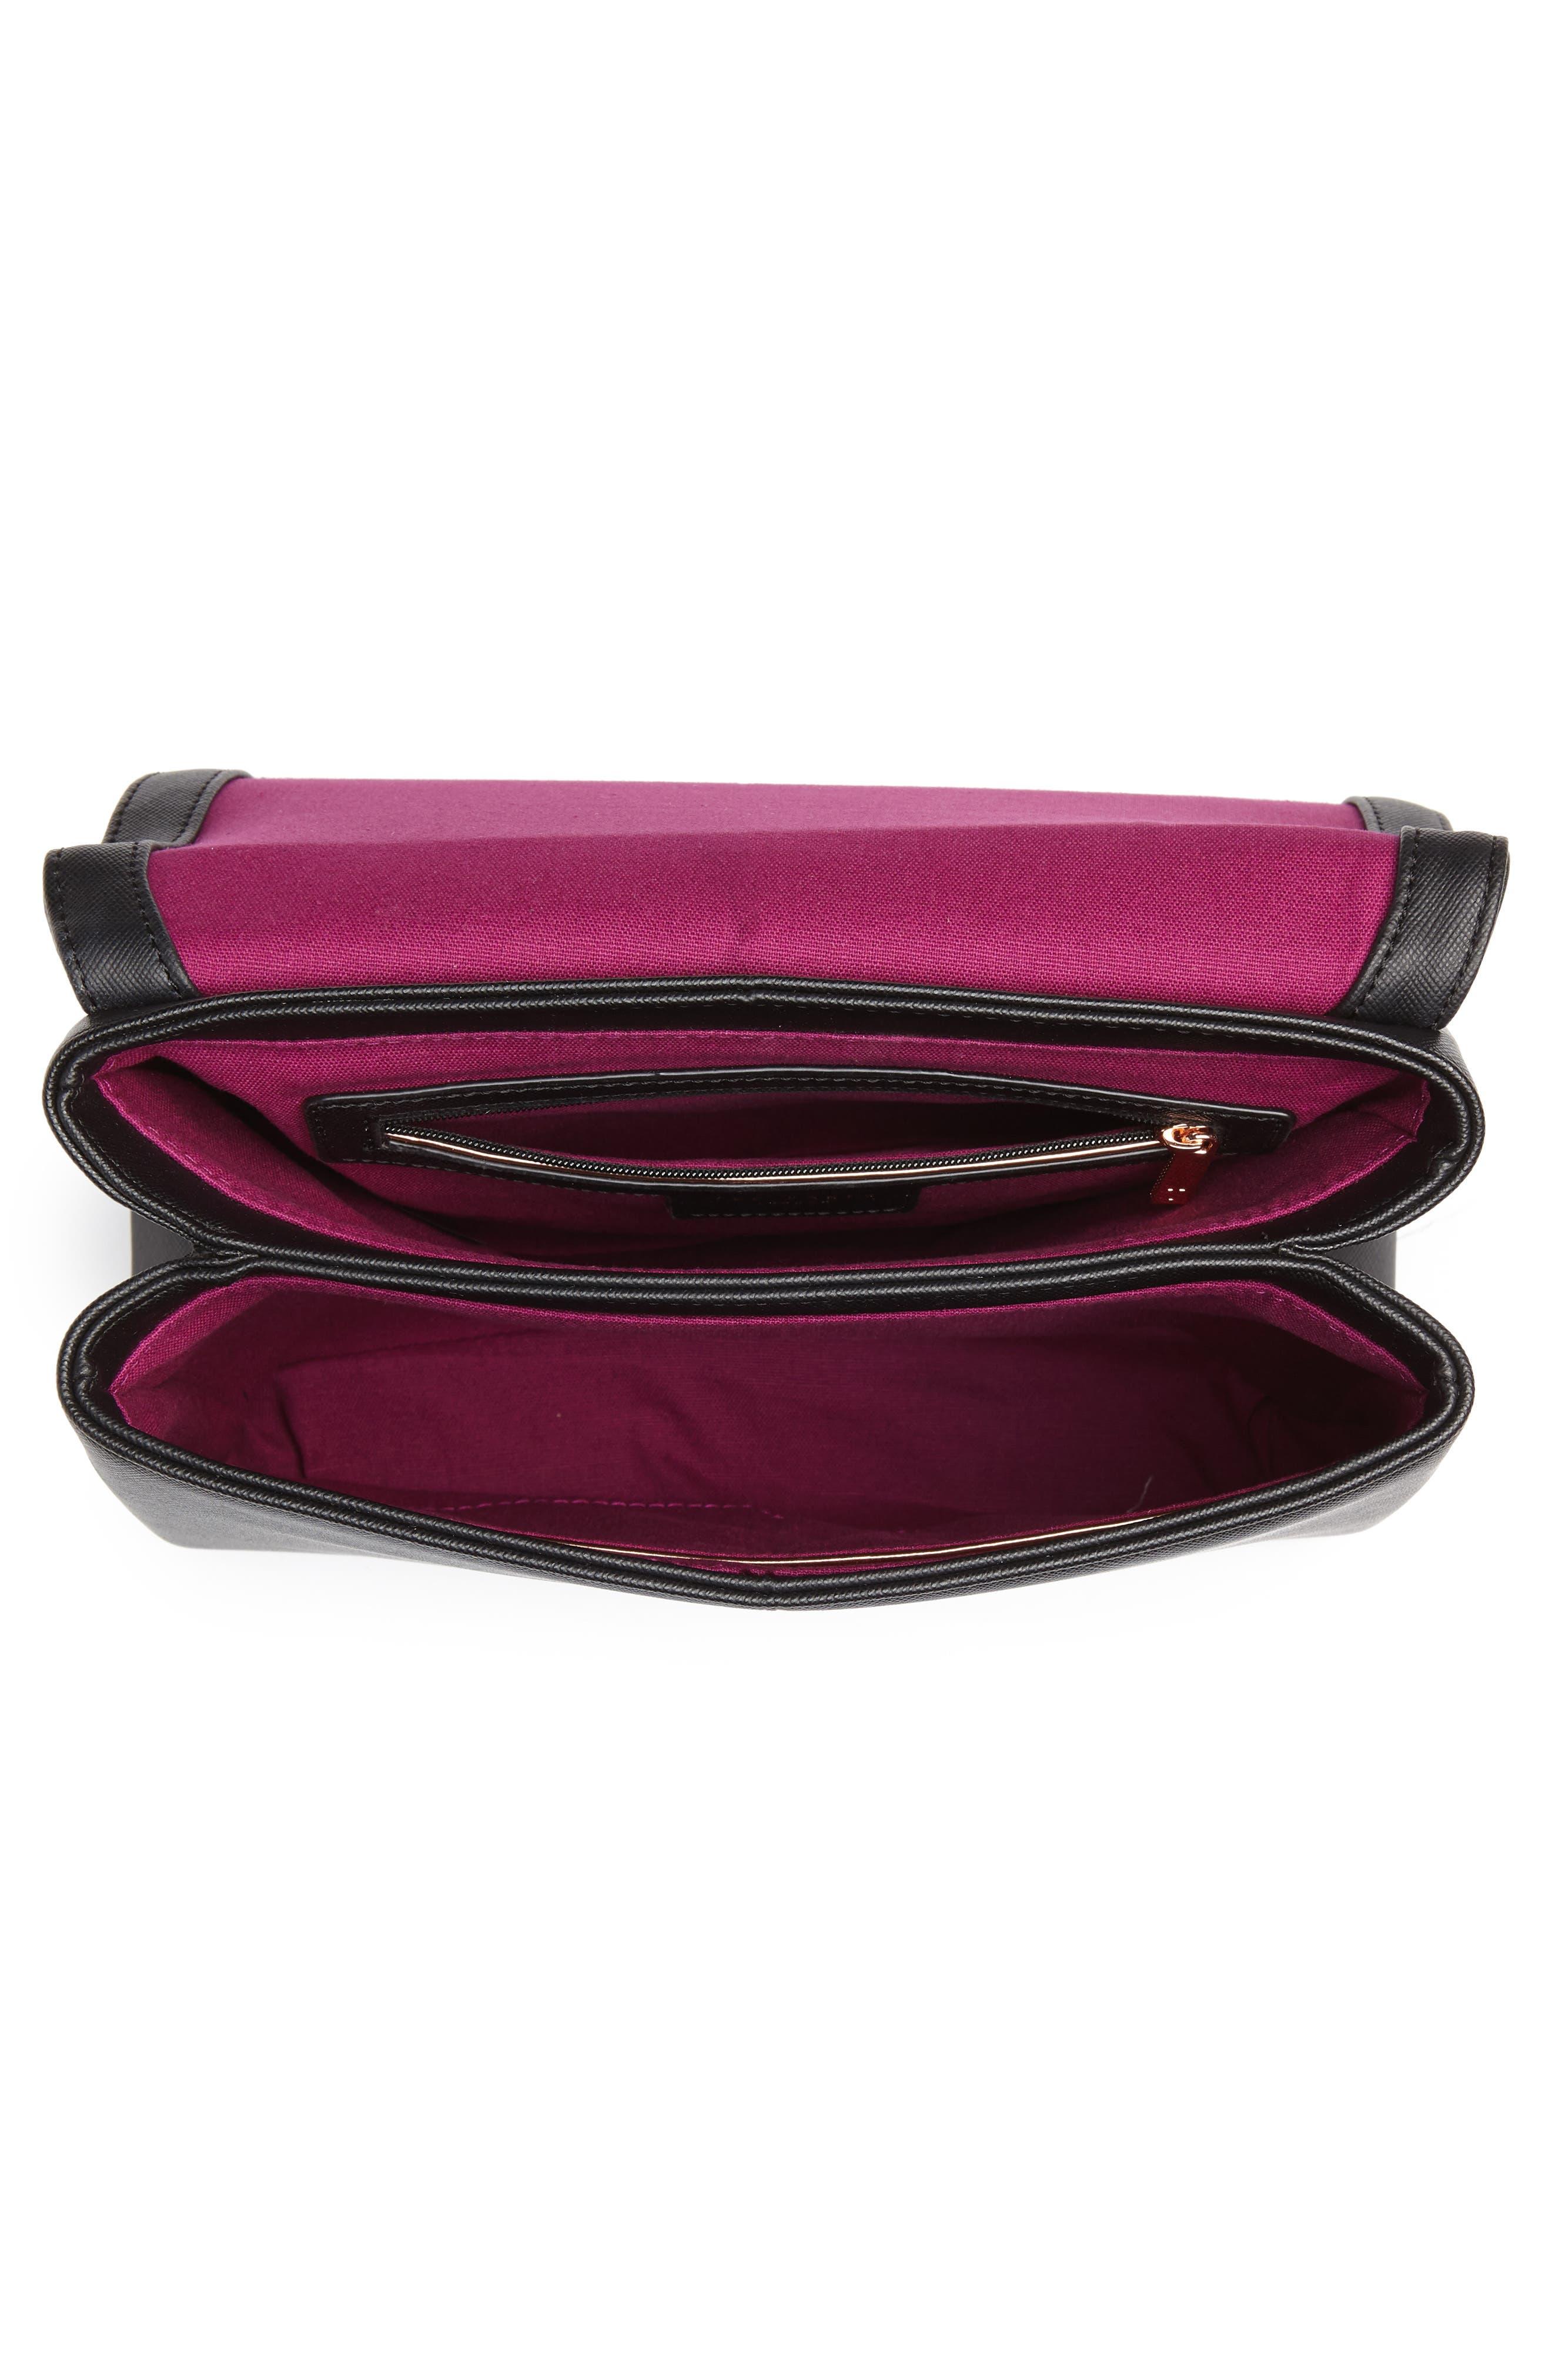 Splendour Lady Bag Faux Leather Top Handle Satchel,                             Alternate thumbnail 4, color,                             BLACK